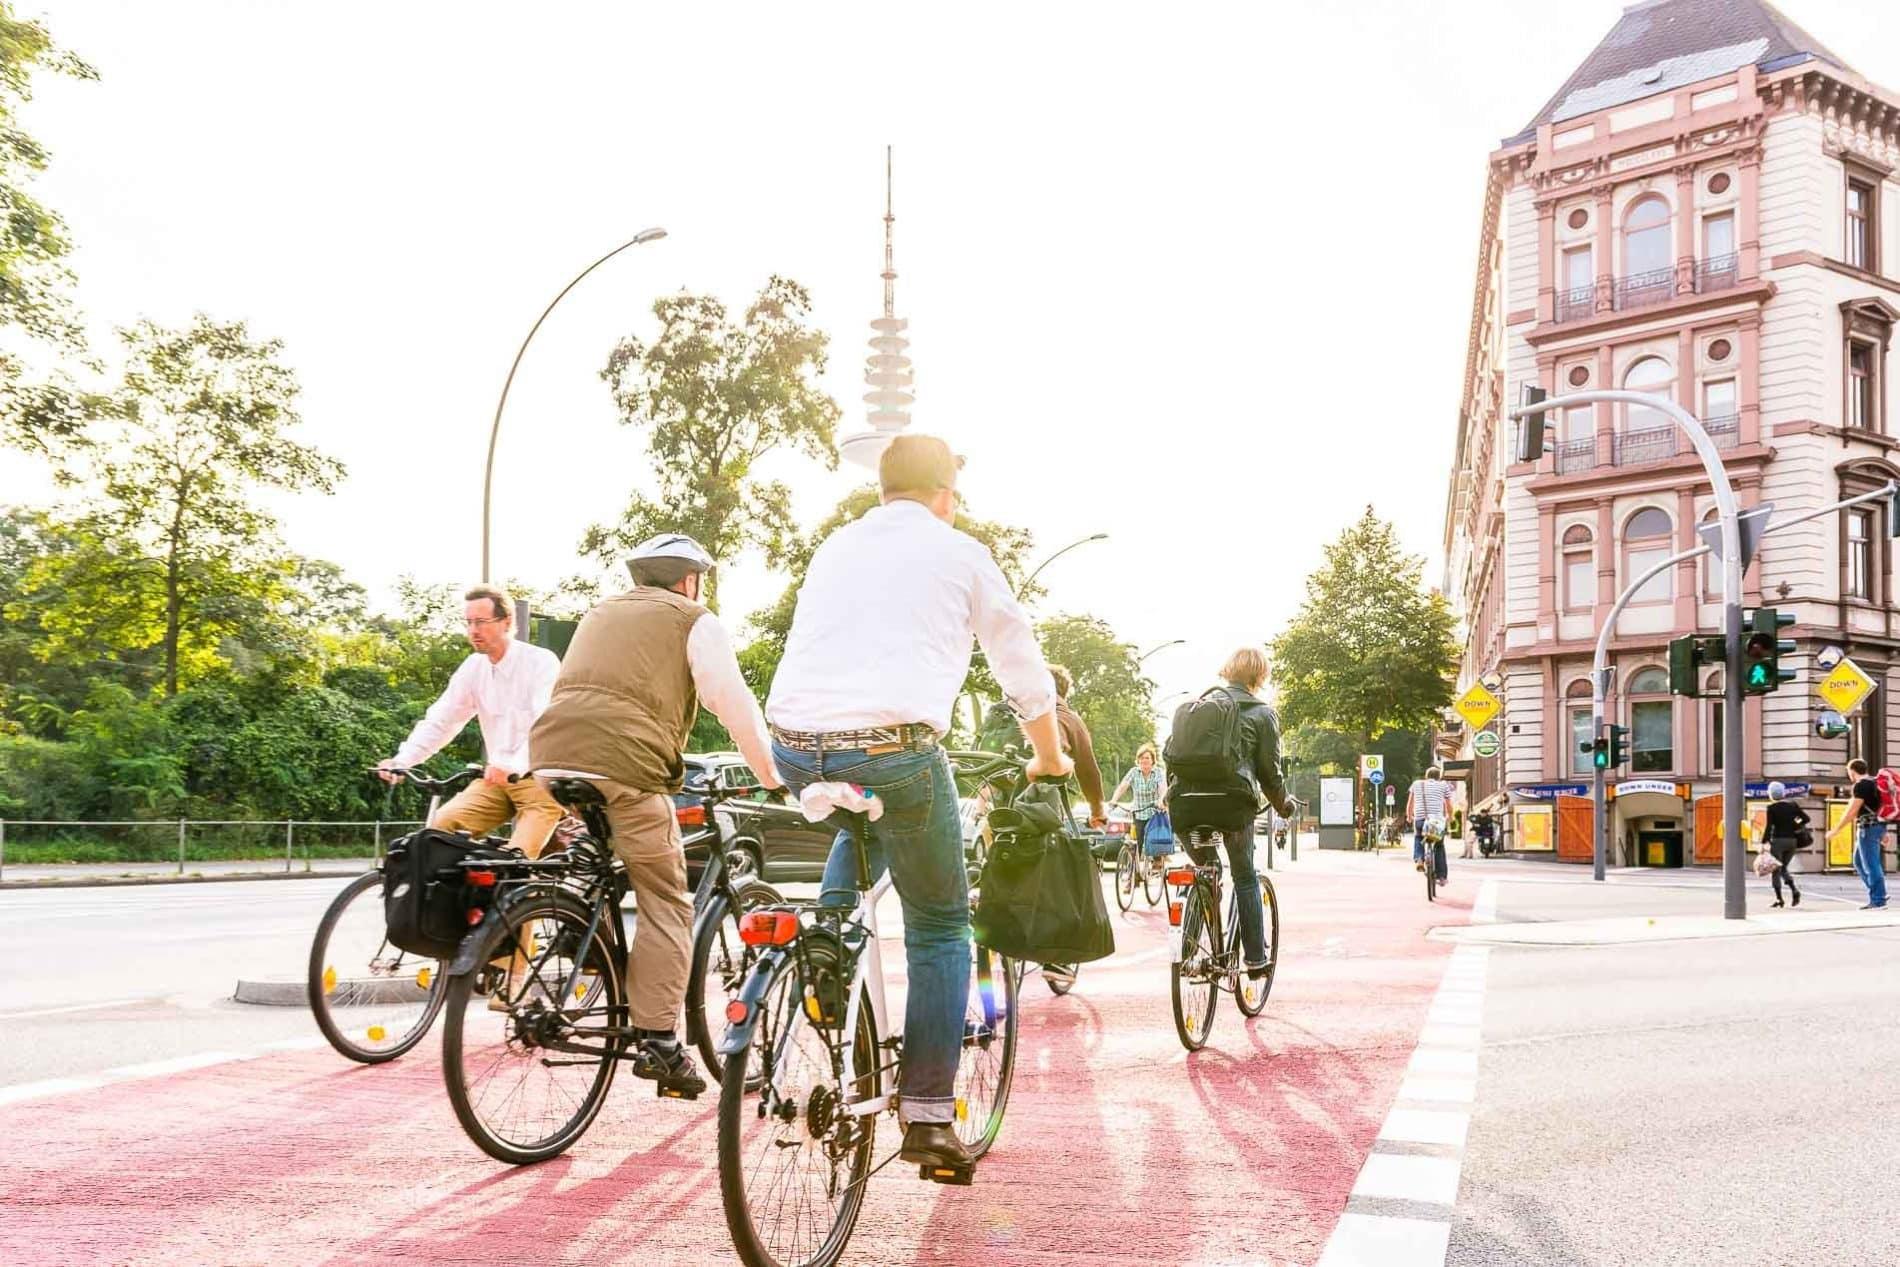 Radfahrer an der Universität/Staatsbibliothek in Hamburg